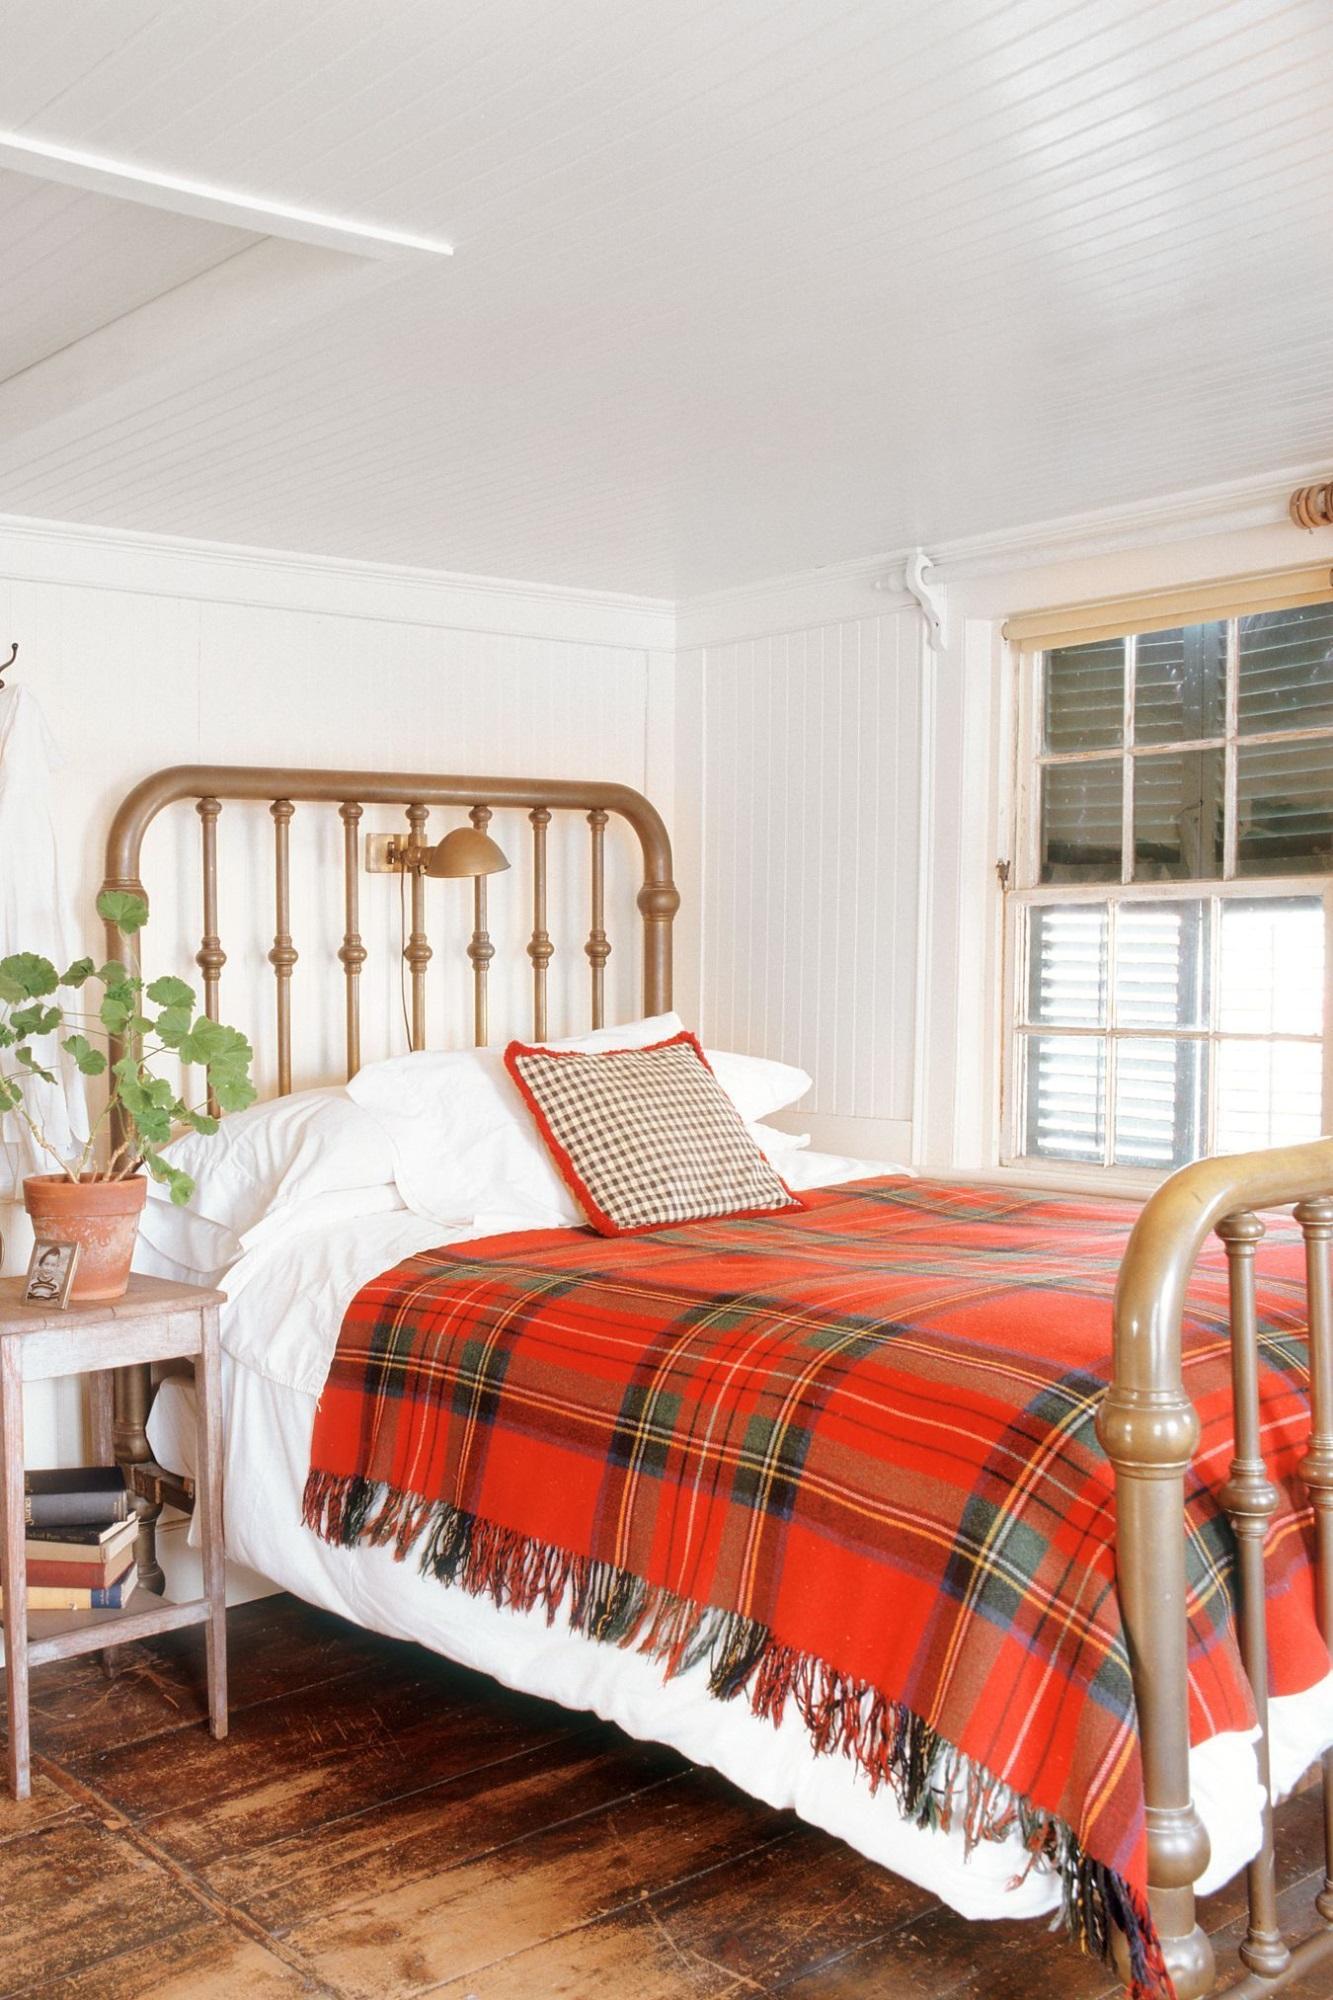 Những gợi ý không thể bỏ qua khi làm mới nhà bạn vào mùa thu: Vừa tiết kiệm chi phí vừa bắt kịp xu hướng - Ảnh 8